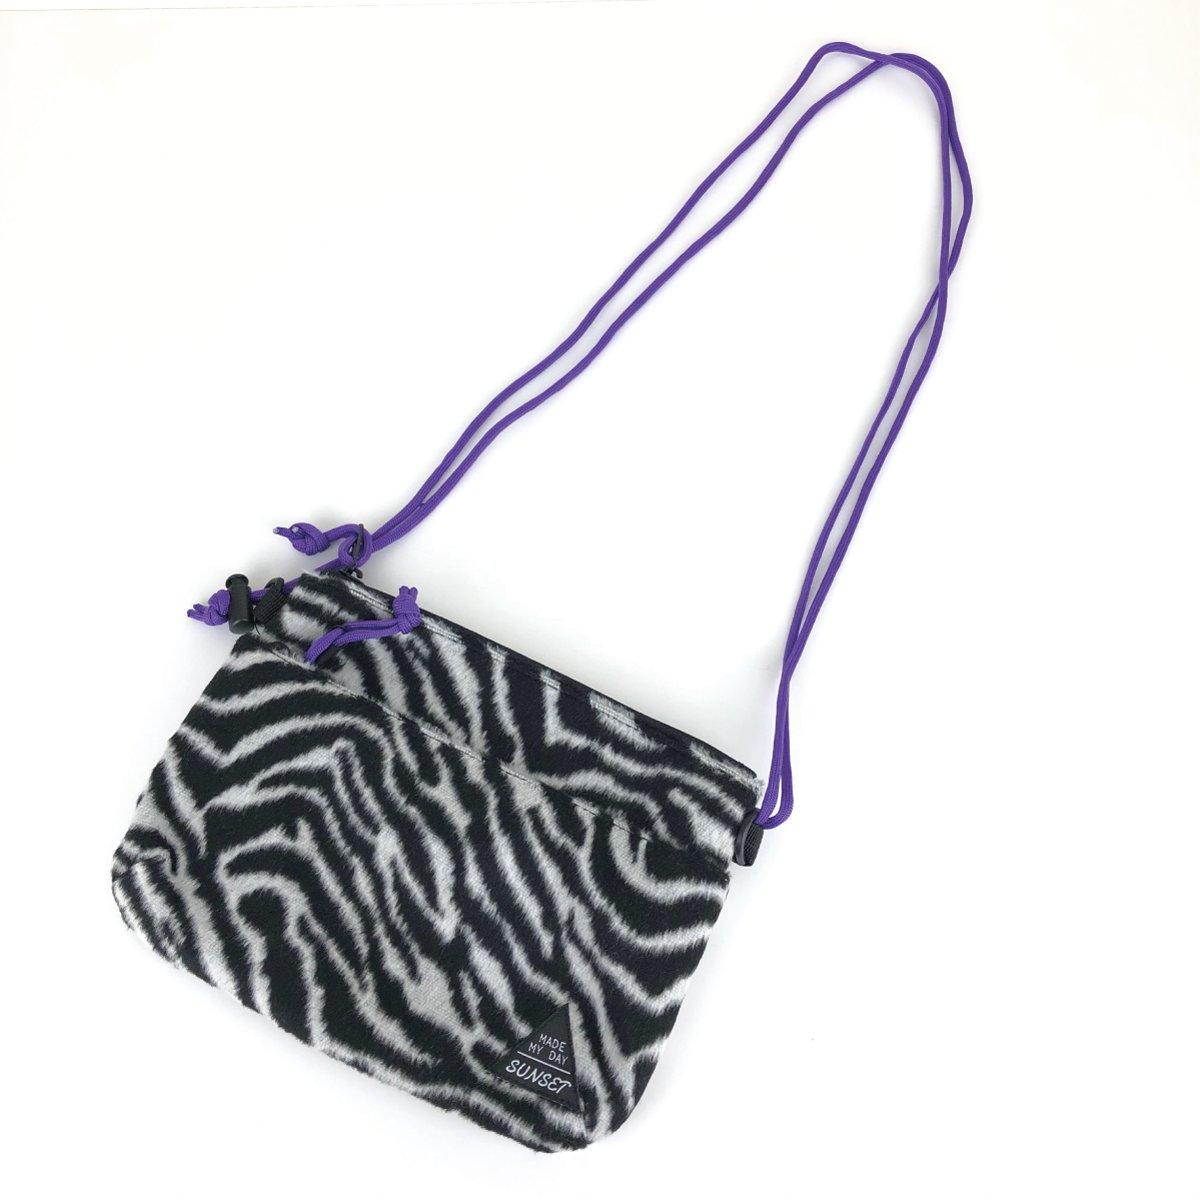 【KIDS】Animal Sacoche Bag 詳細画像2